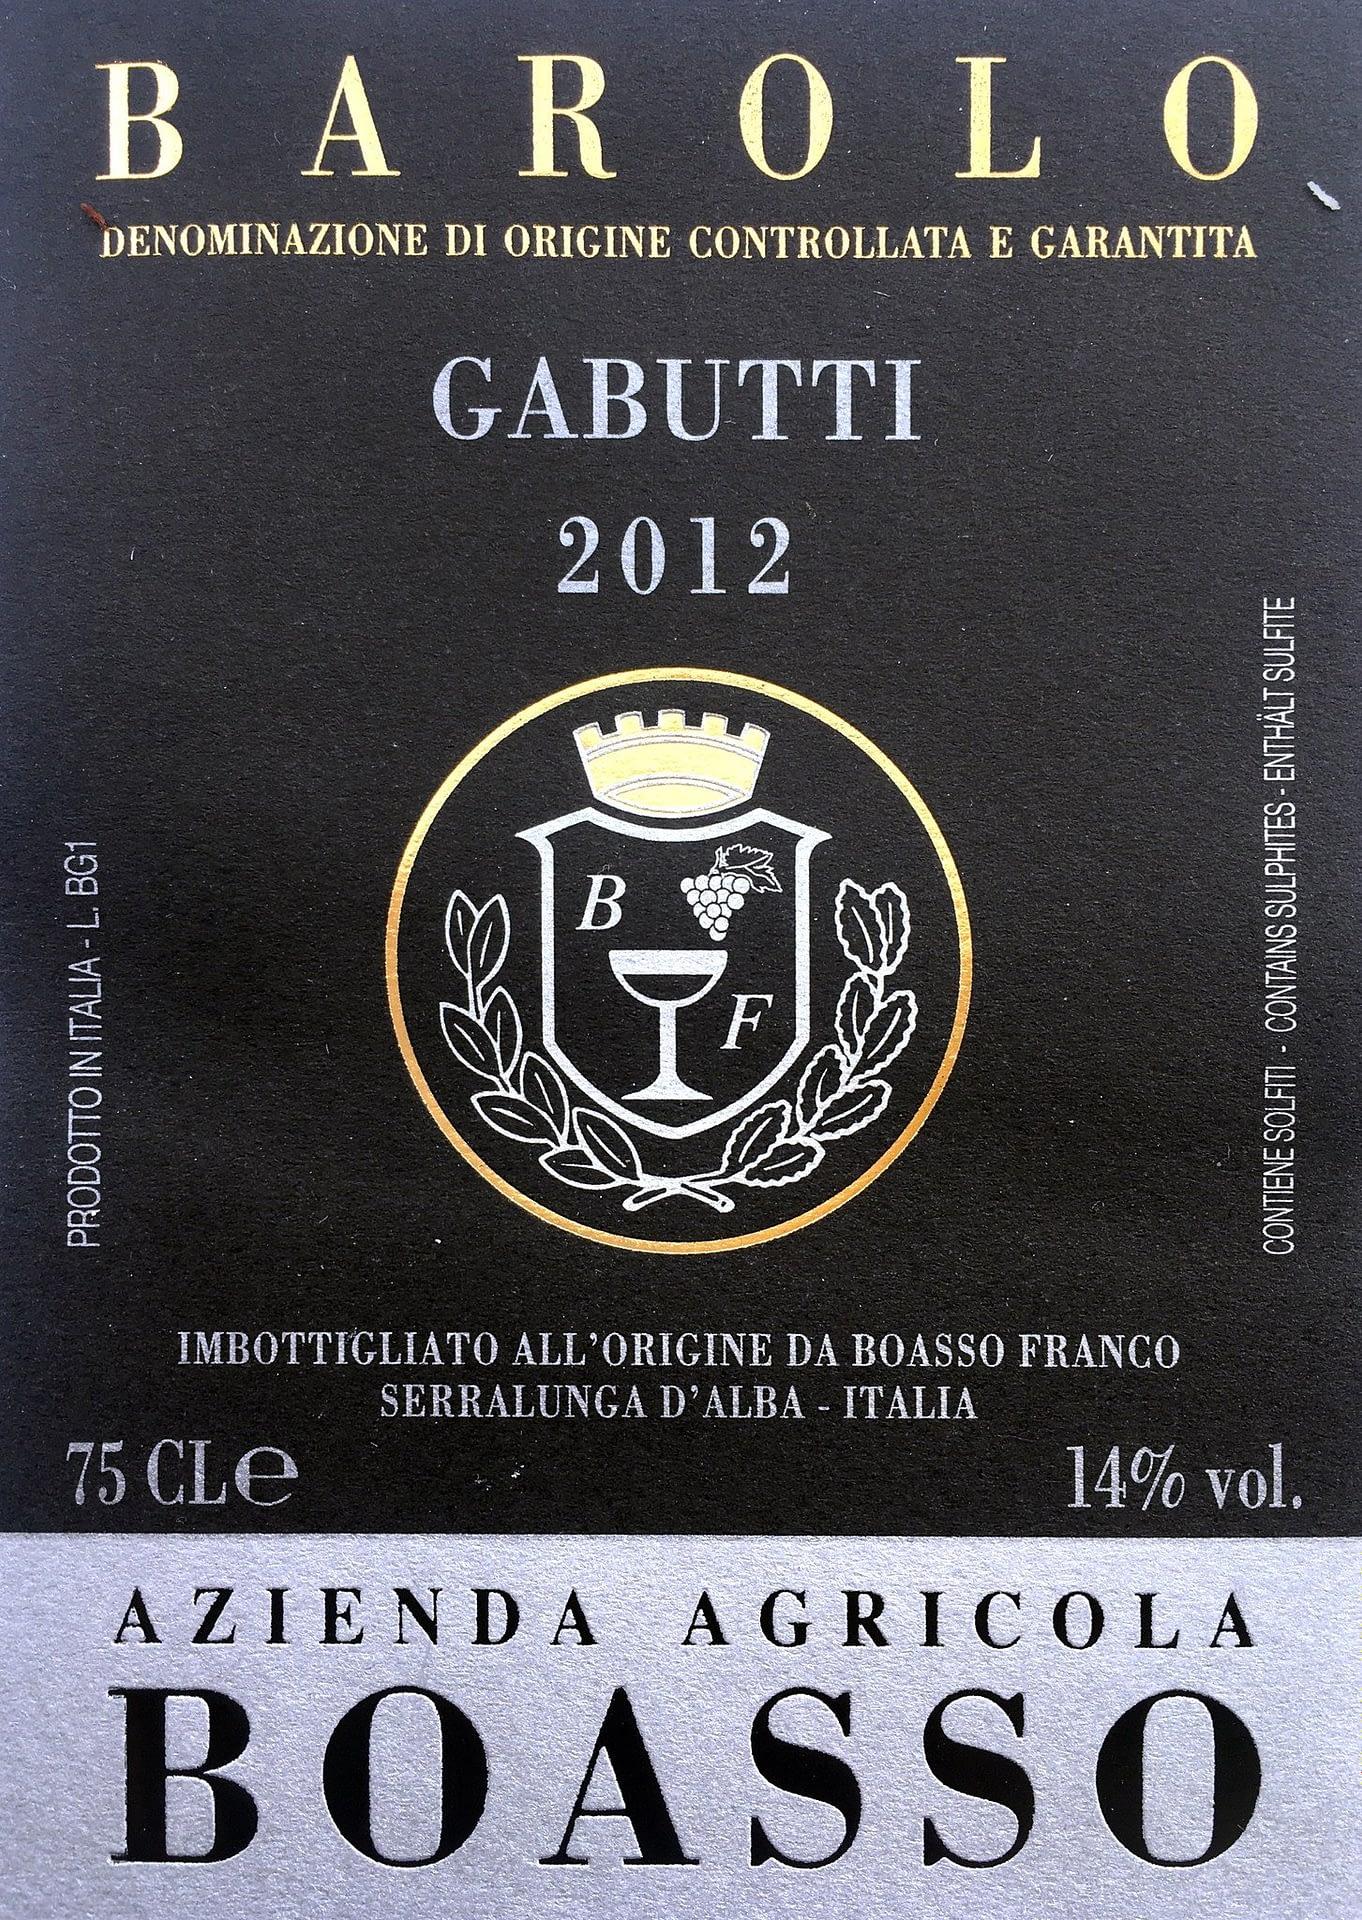 Boasso Barolo Gabutti 2012